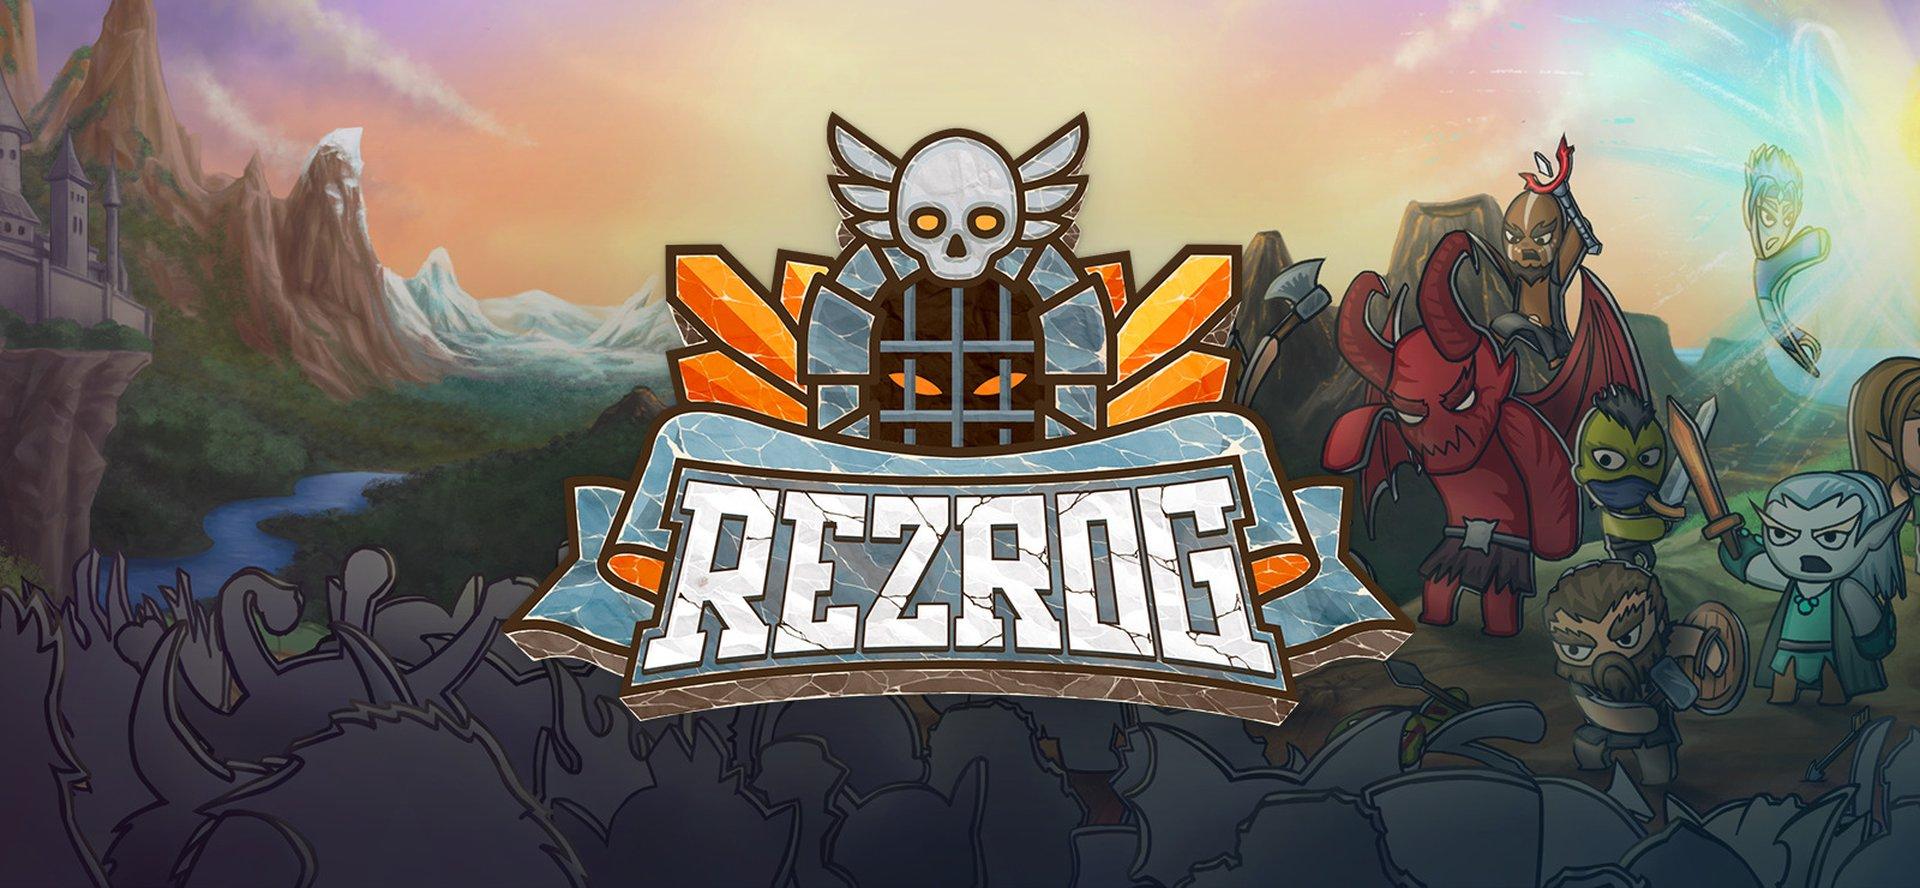 Rezrog